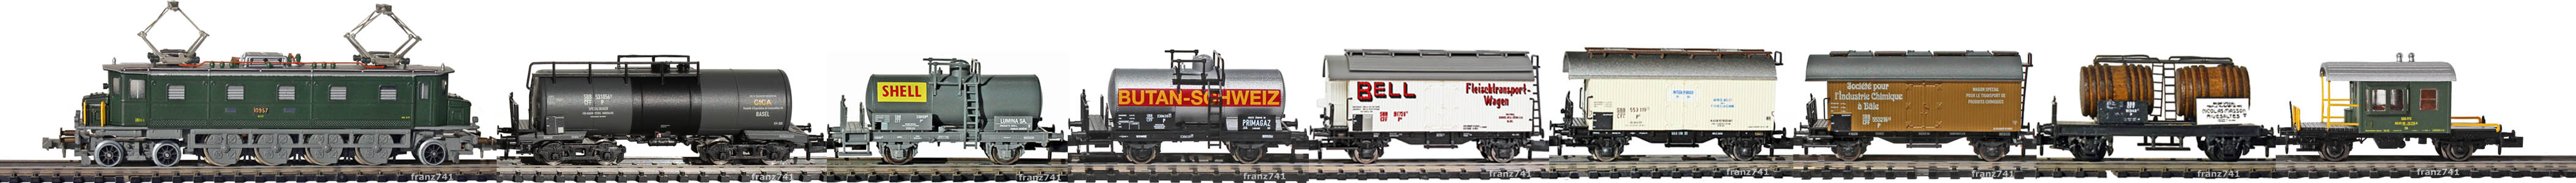 Epoche-III-SBB-Zugskomposition-private-Kessel-und-Kuehl-Gueterwagen